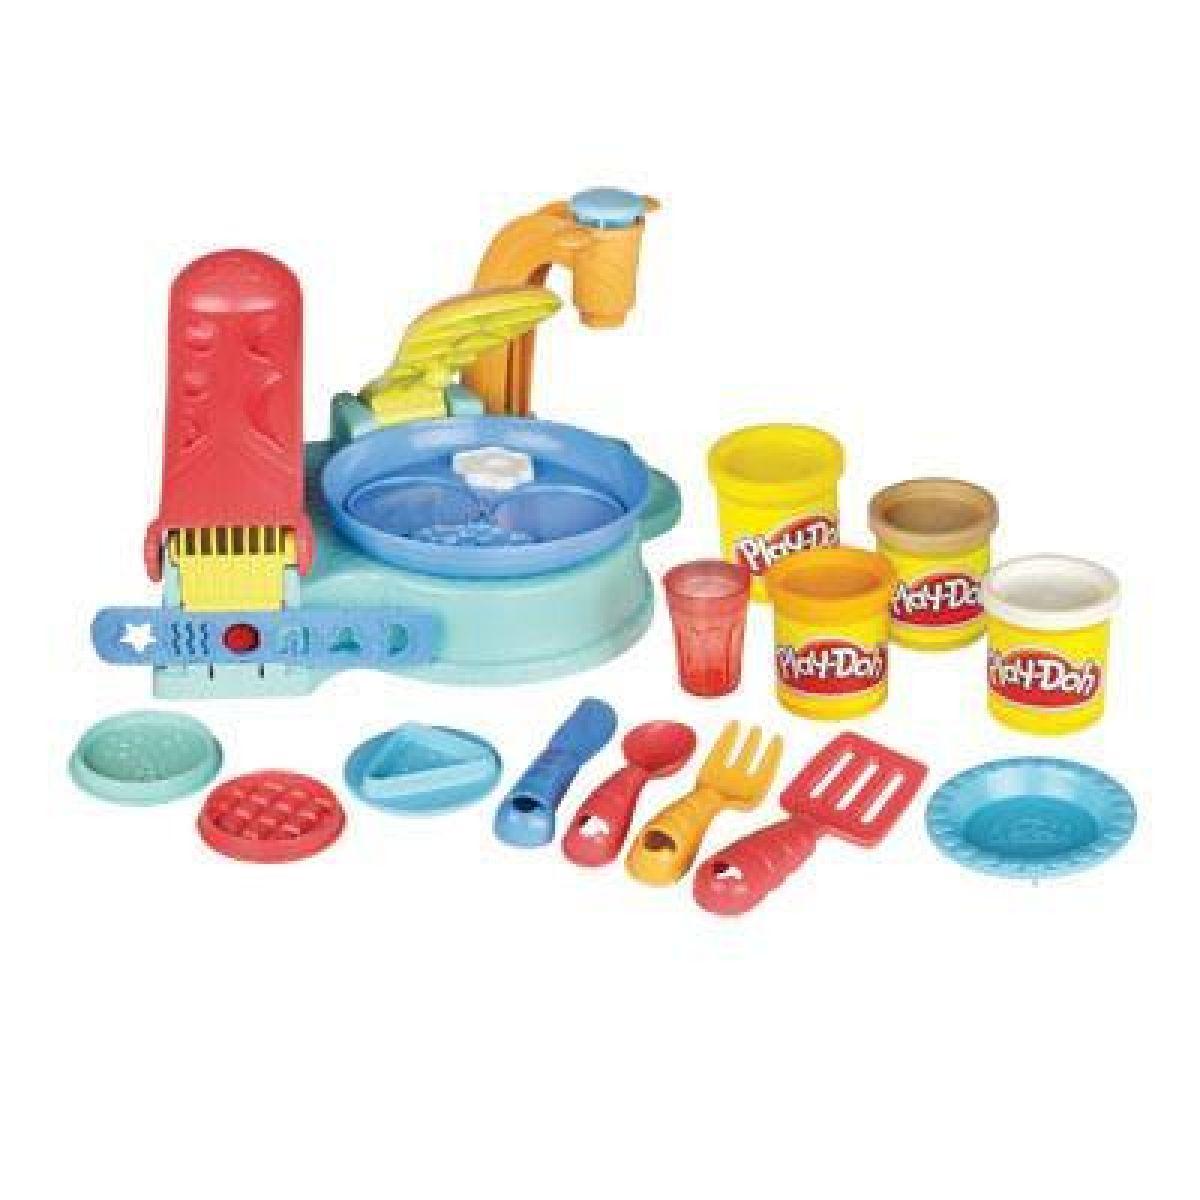 Snídaňový hrací set Play Doh 24395